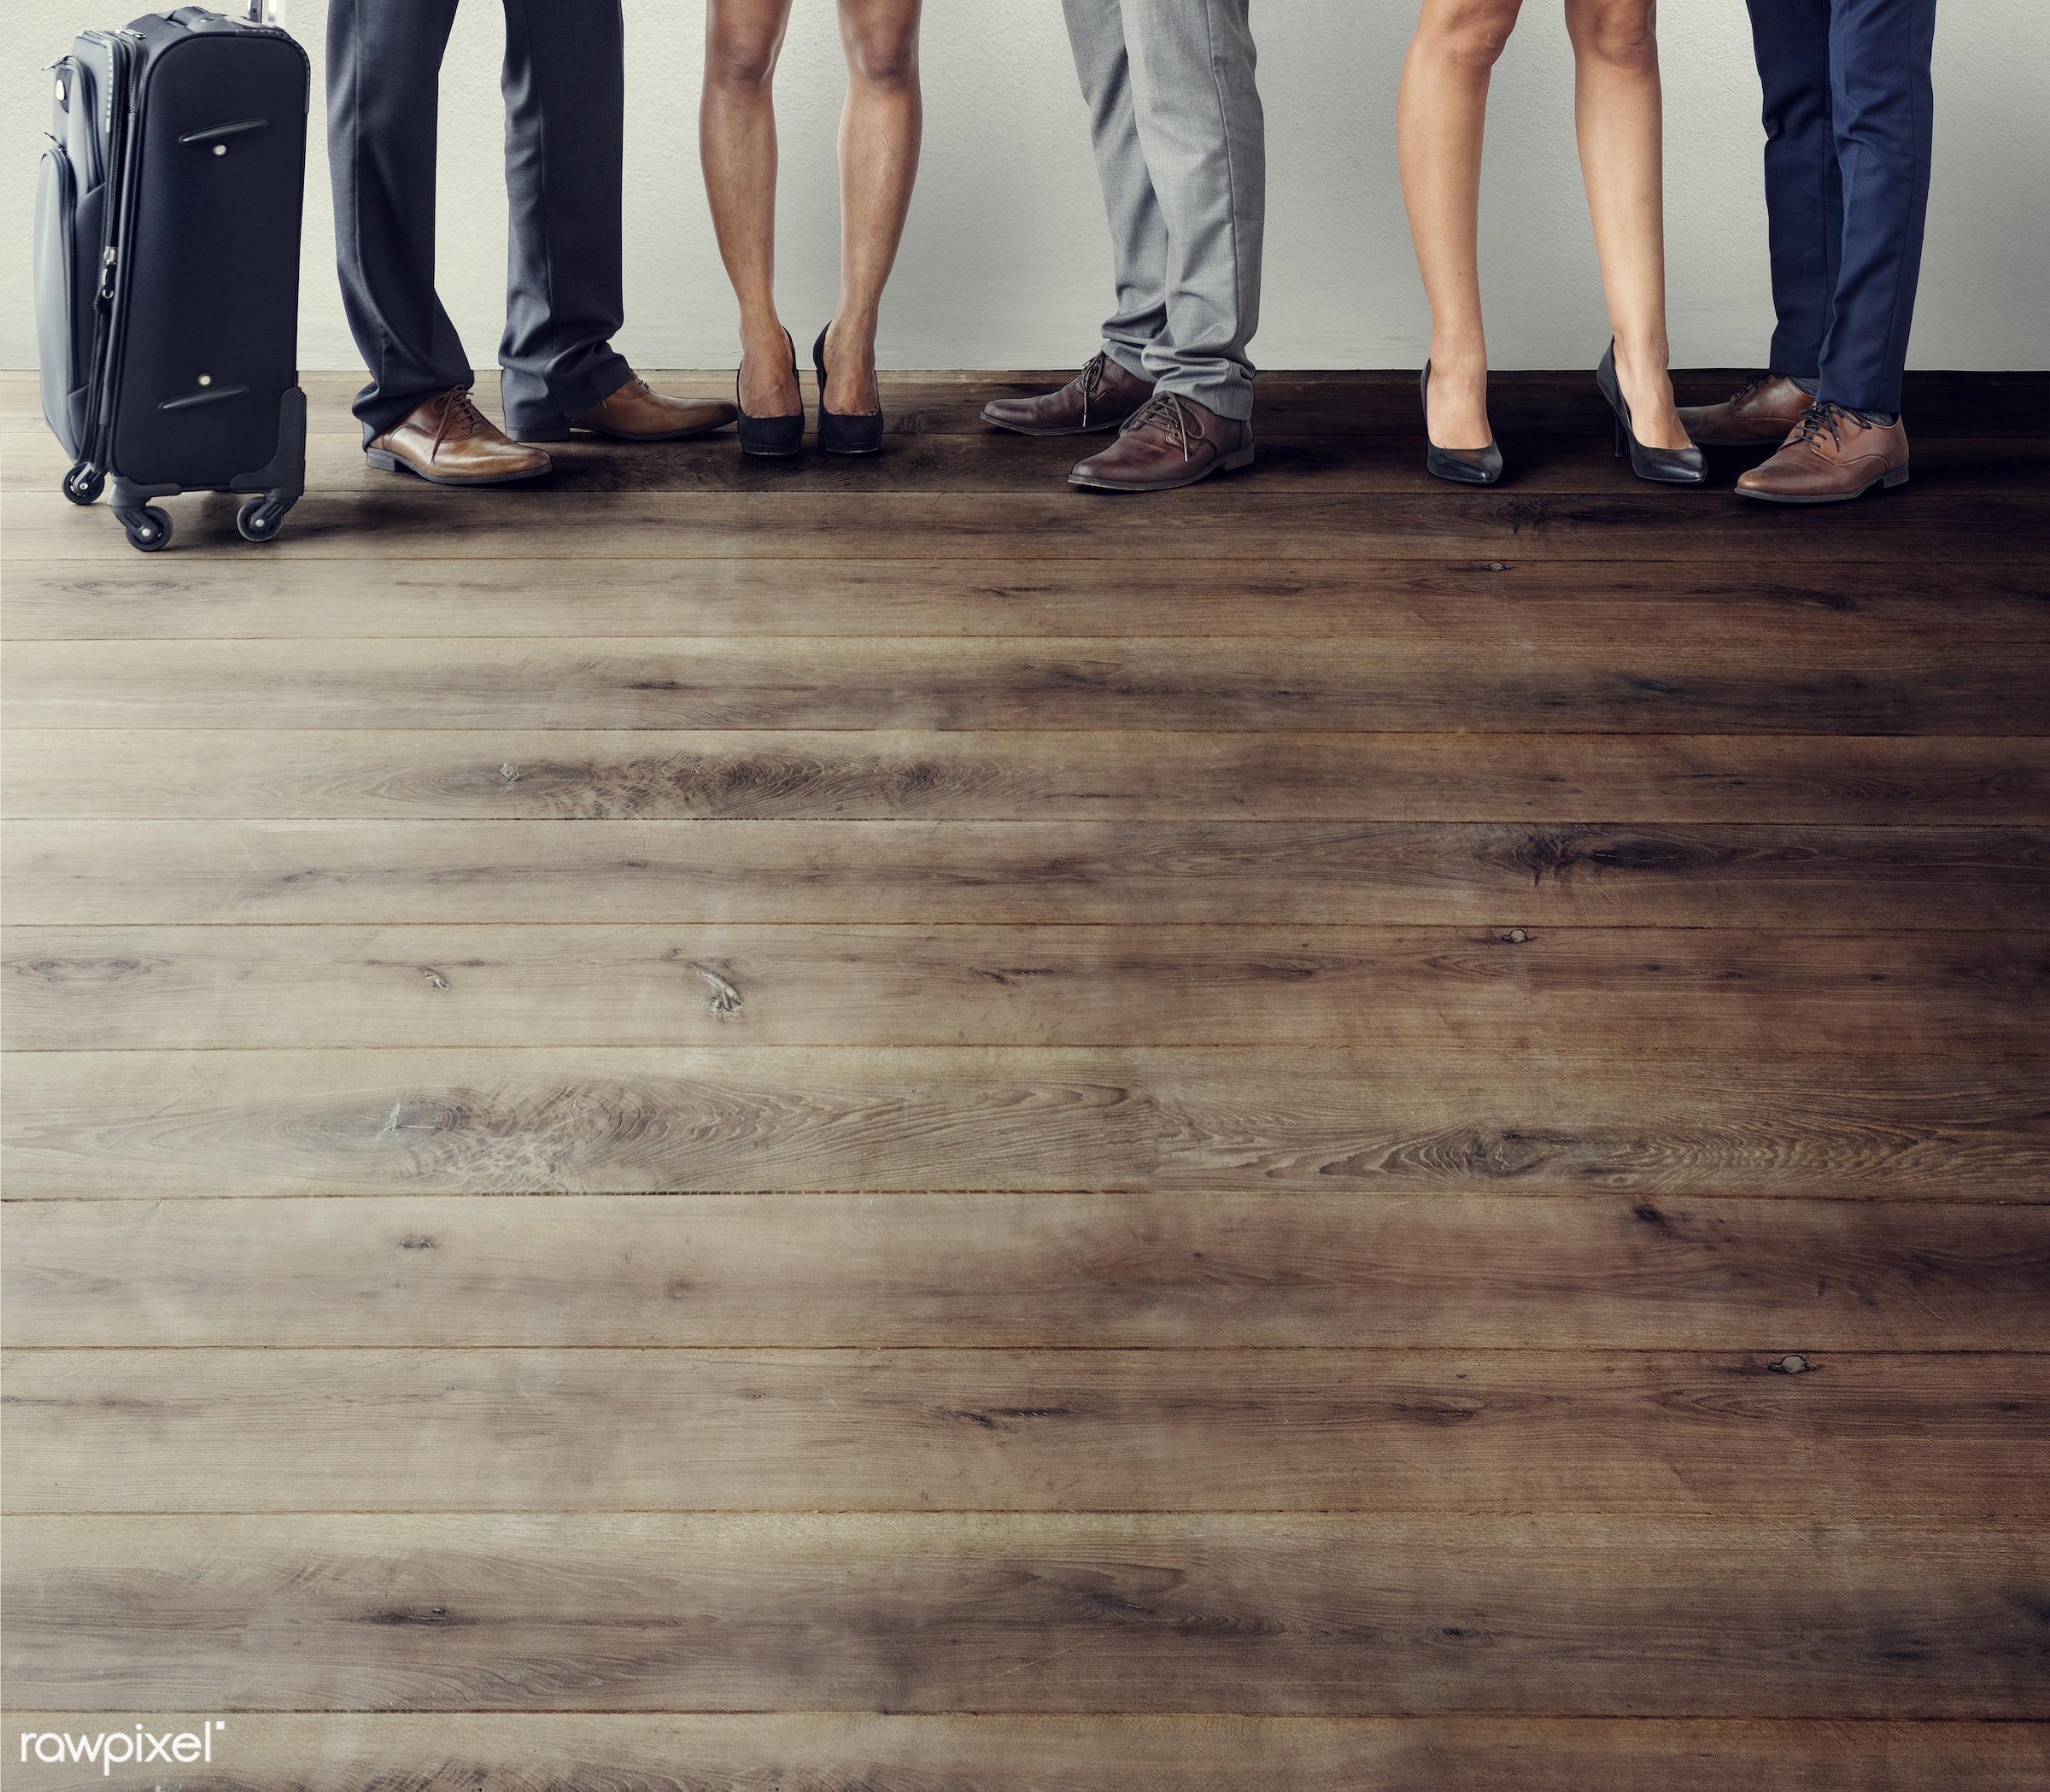 discussion, technology, people, business, teamwork, human leg, friends, deal, friendship, men, concrete floor, vision,...